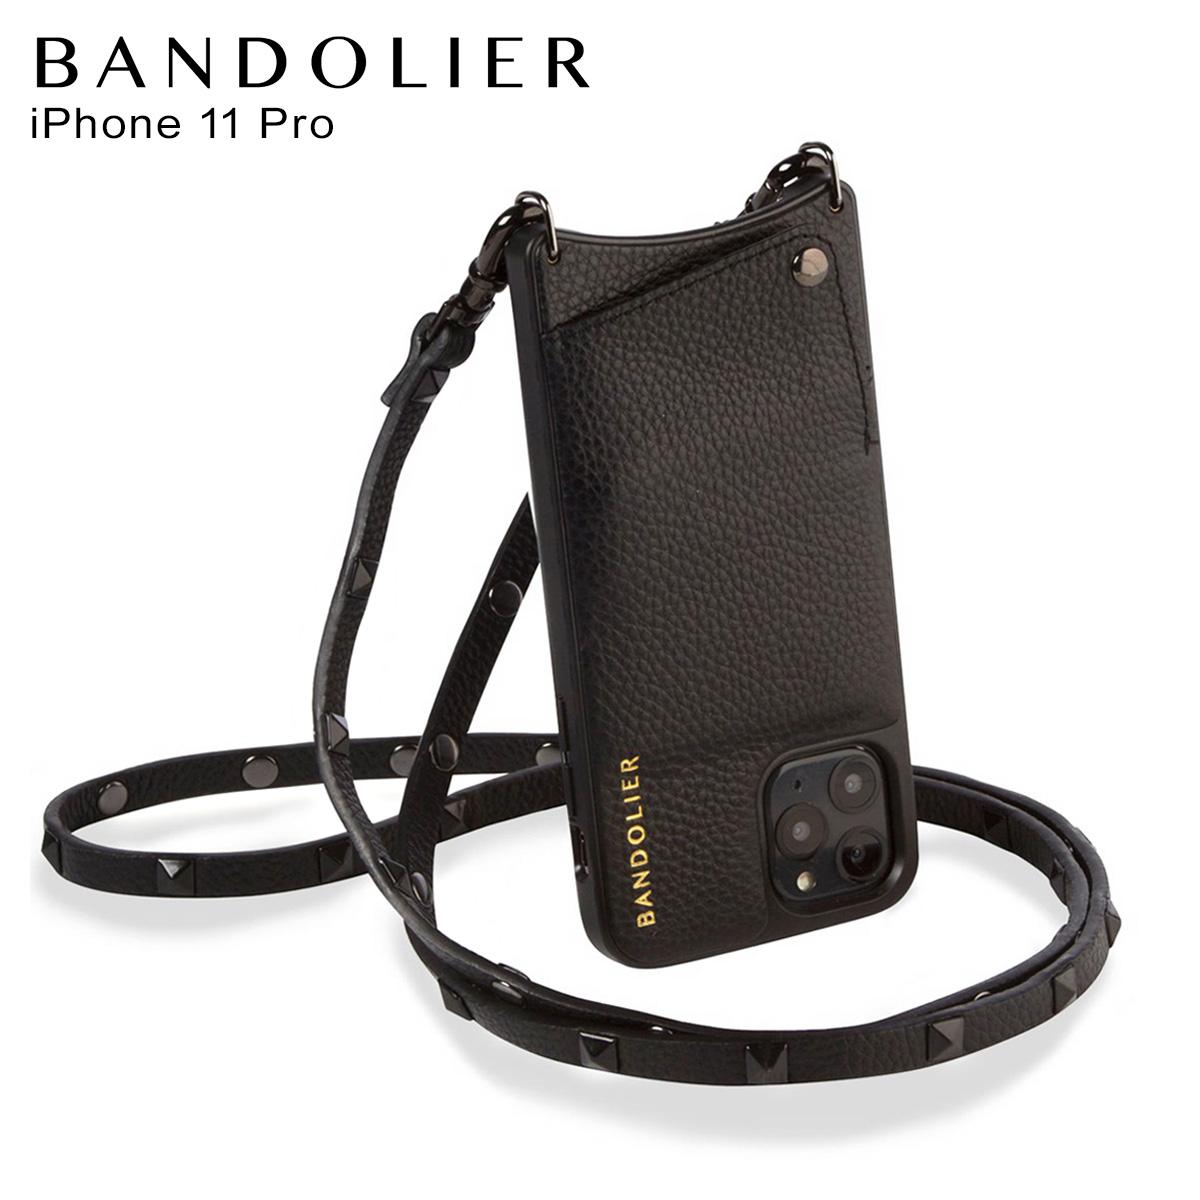 バンドリヤー BANDOLIER サラ ブラック iPhone11 Pro ケース スマホ 携帯 ショルダー アイフォン メンズ レディース SARAH BLACK ブラック 黒 2300